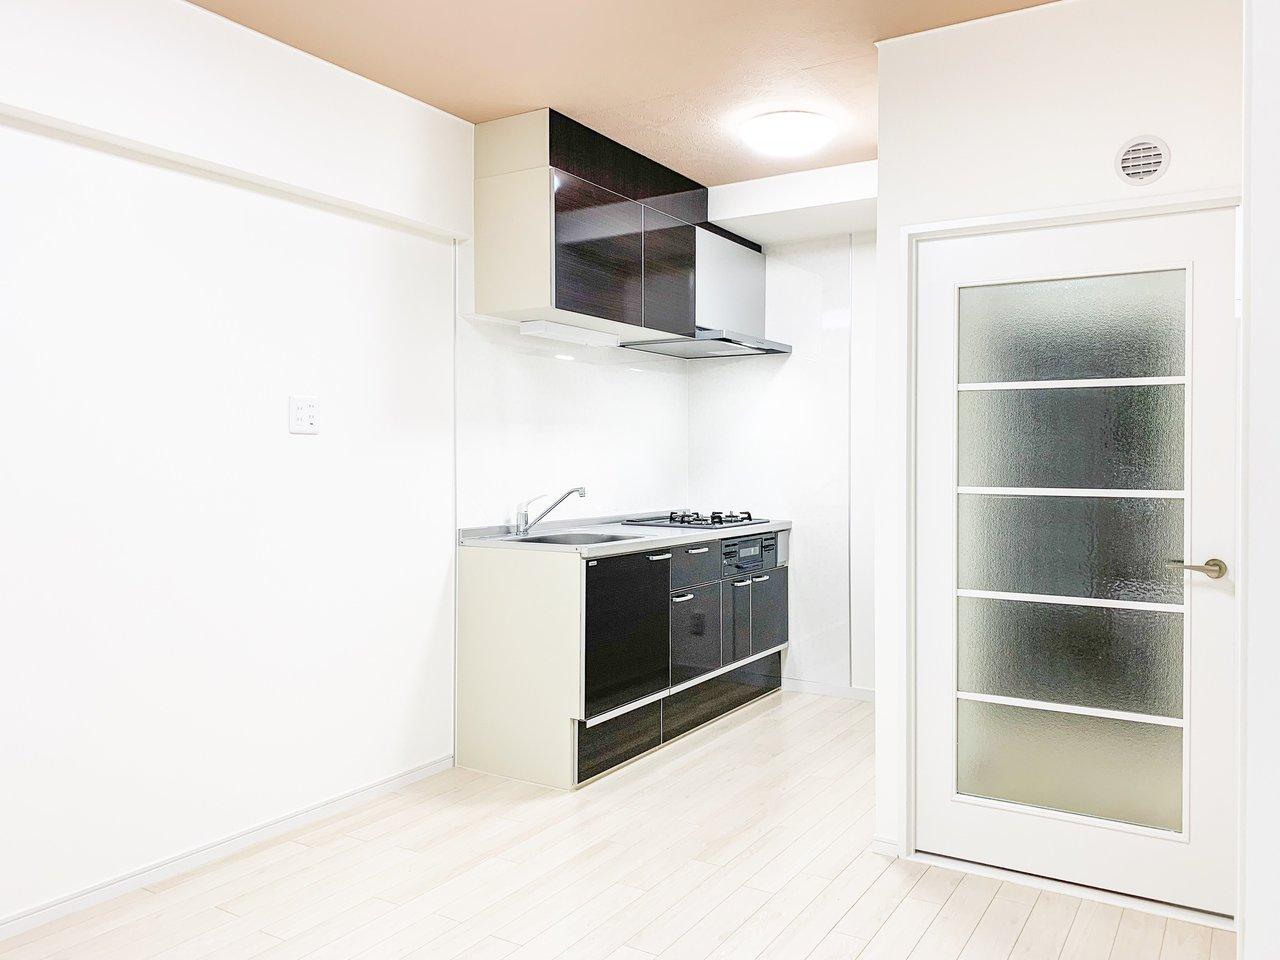 キッチンも3口コンロのシステムキッチンを完備。家族が多いおうちでも、手際よく料理が作れそうです。ほかにもウォシュレットがついていたり、新品の独立洗面台があったり……。それで10万円をきる賃料。なかなかないですよ~!